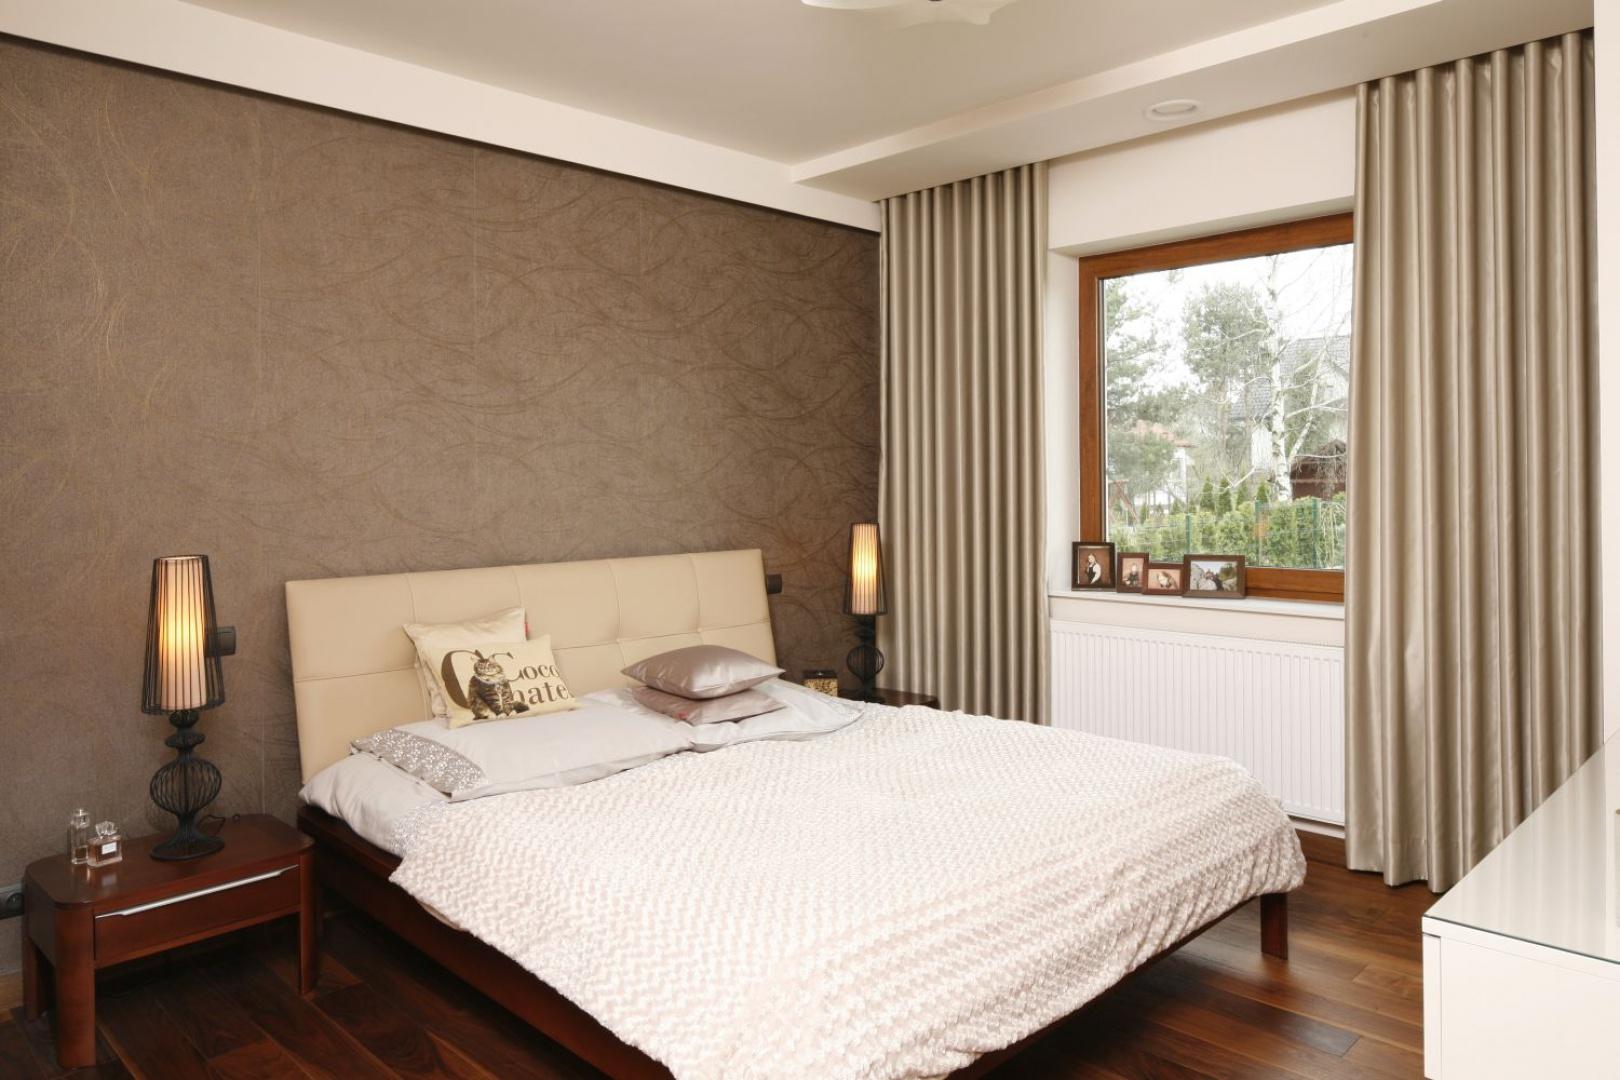 Przytulna sypialnia urządzona w kolorach czekolady i kawy z mlekiem. Podłogę wykończono pięknym drewnem w ciepłym wybarwieniu. Projekt: Piotr Stanisz. Fot. Bartosz Jarosz